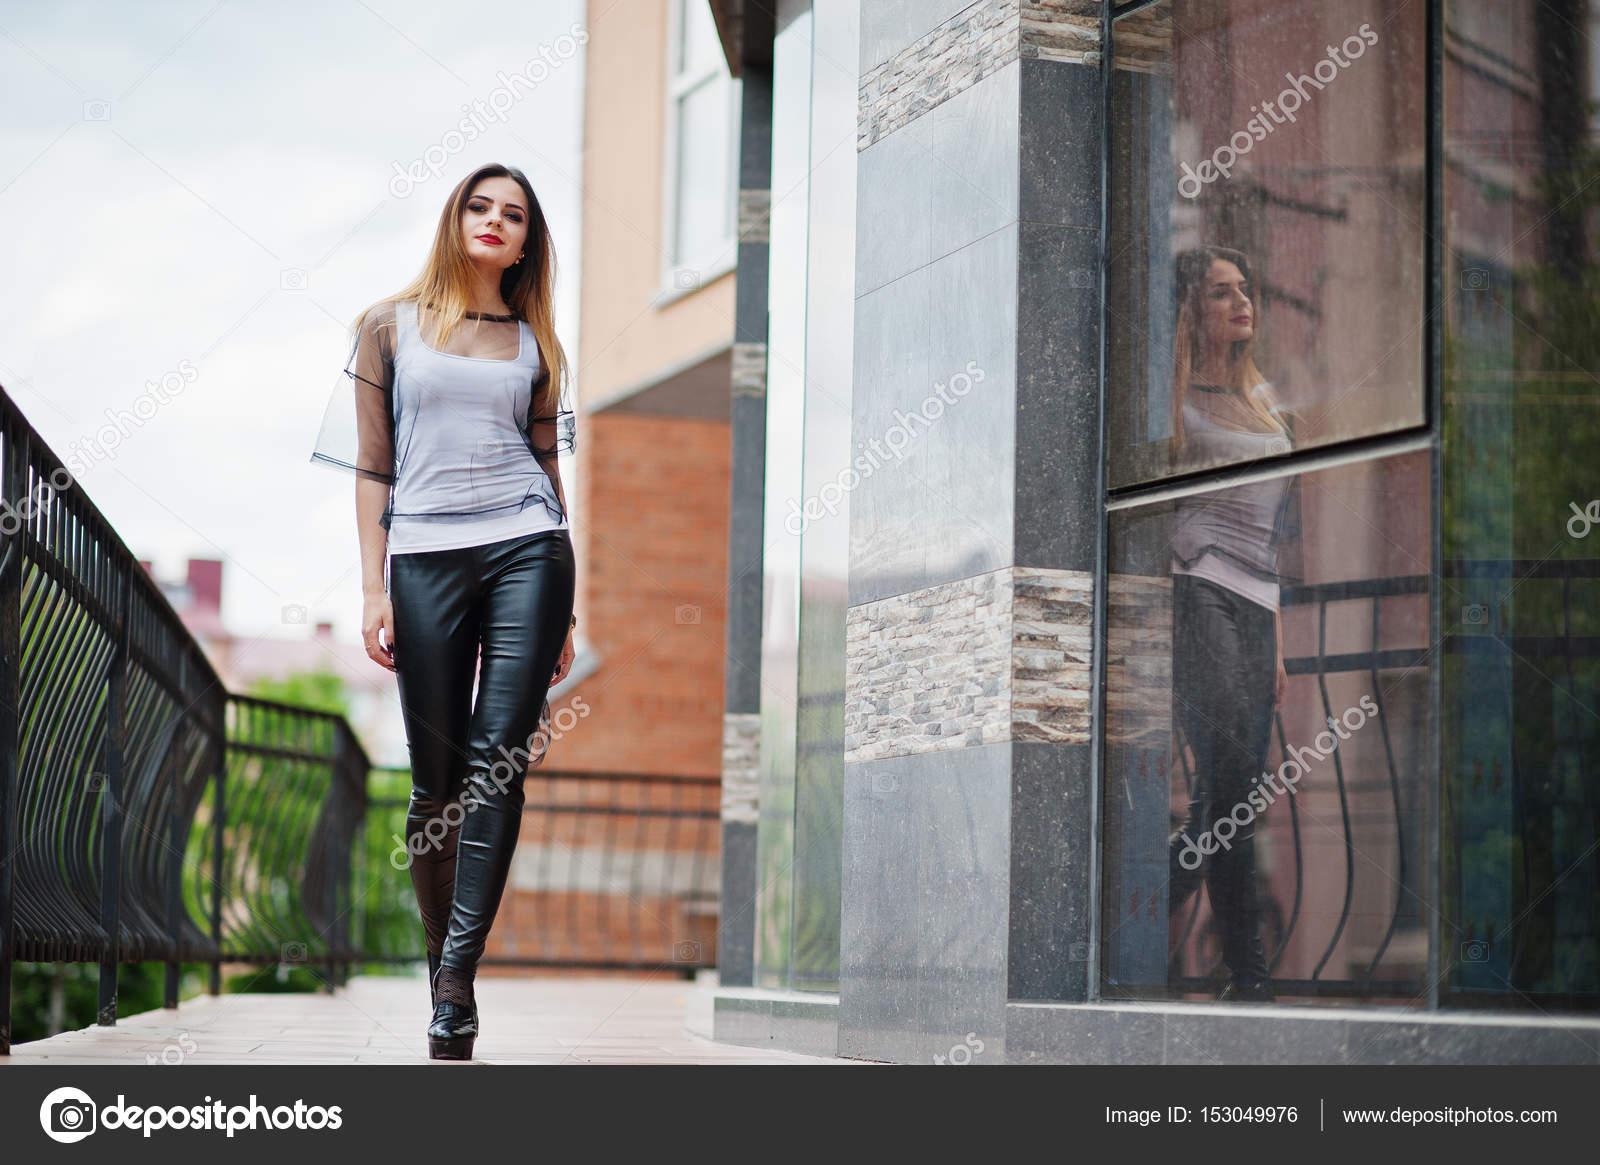 Японка прозрачные штаны фото на улице плоти